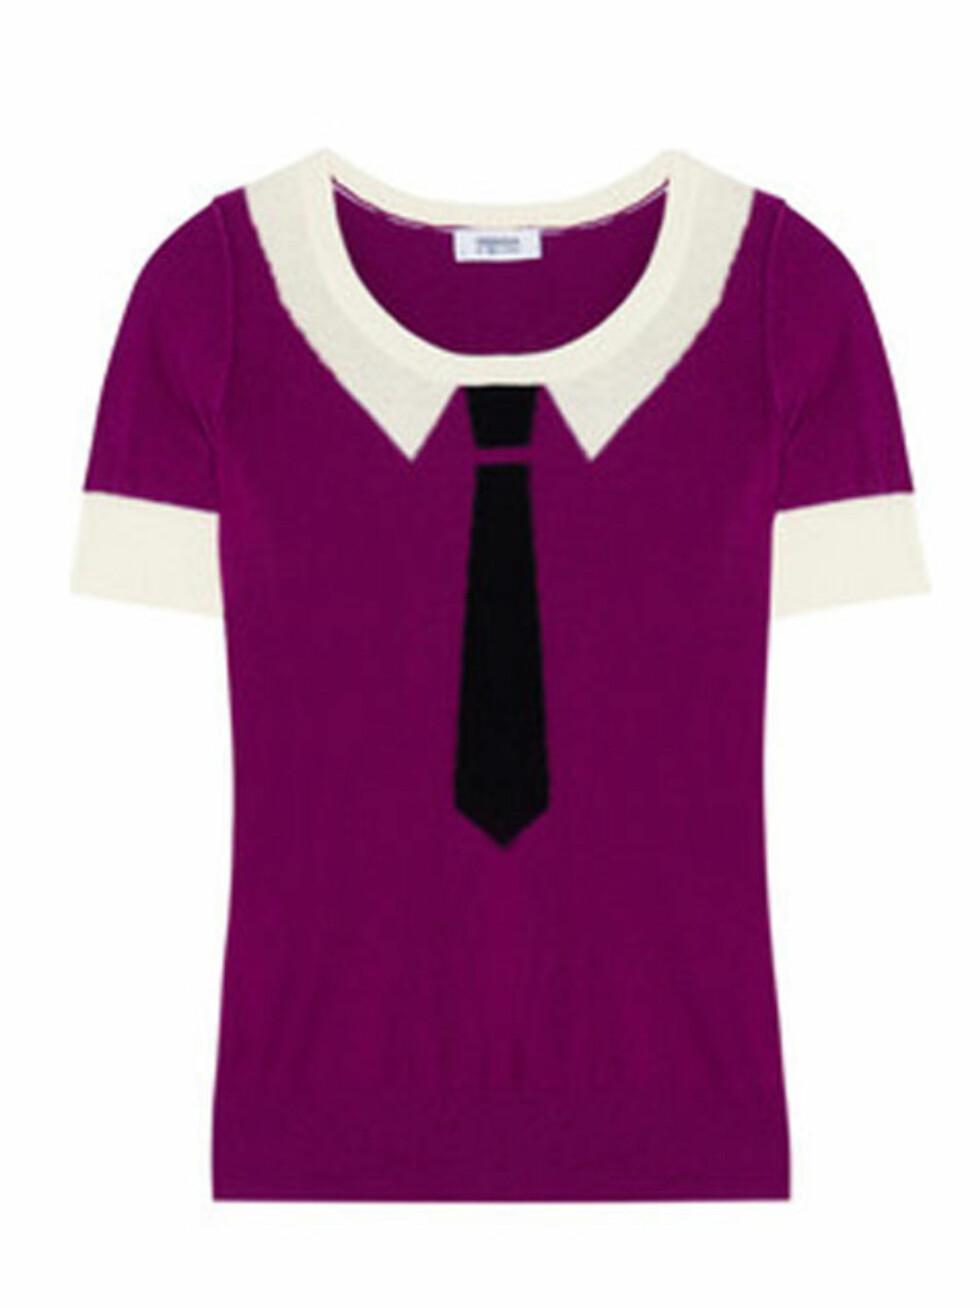 T-skjorte med slips og krage fra Sonia By Sonia Rykiel (kr 2.250, Net-a-Porter.com).  Foto: Produsenten